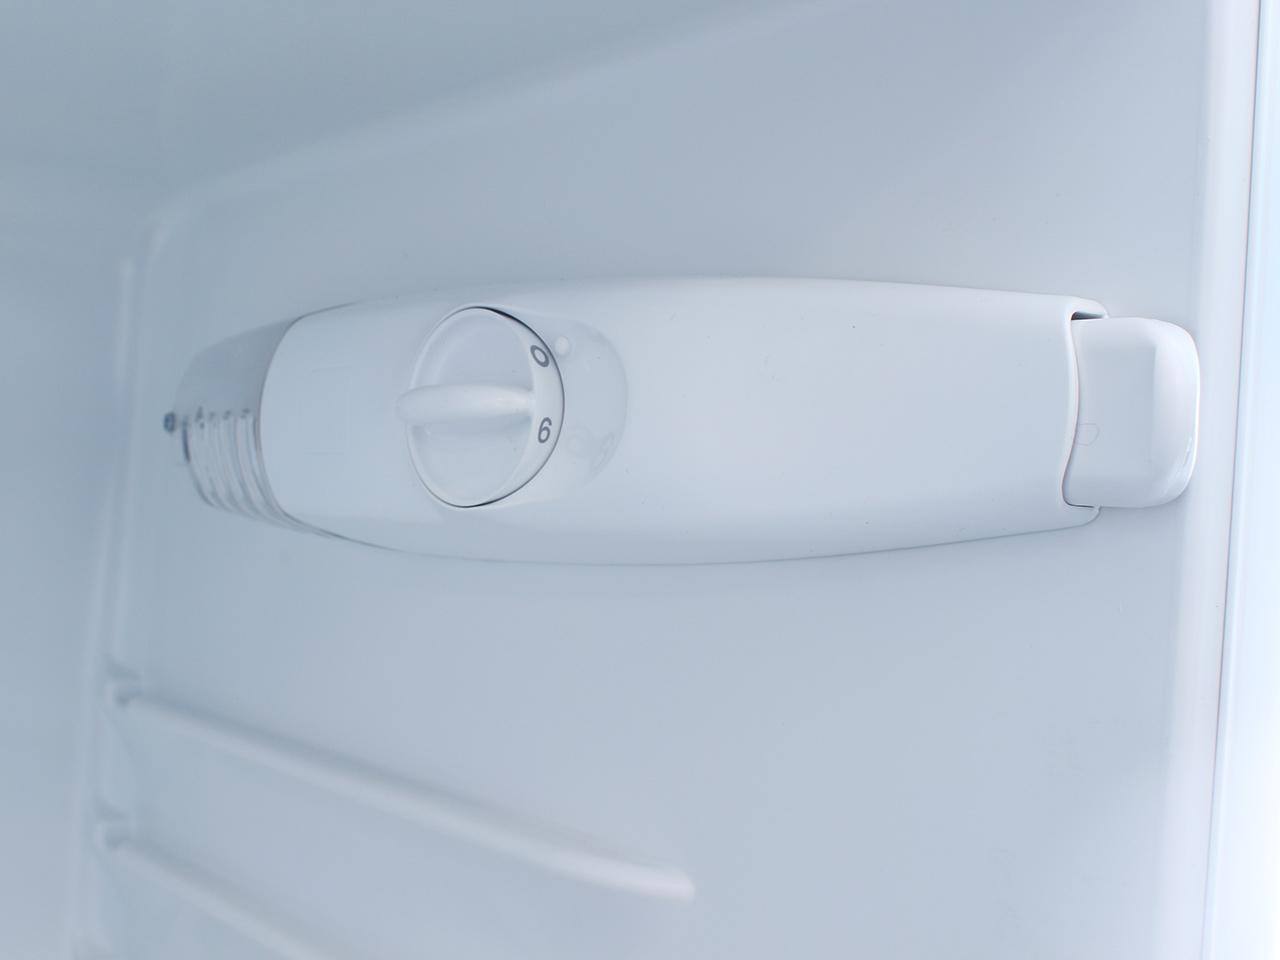 Ziemlich Kühlschrank Foron Fotos - Innenarchitektur-Kollektion ...